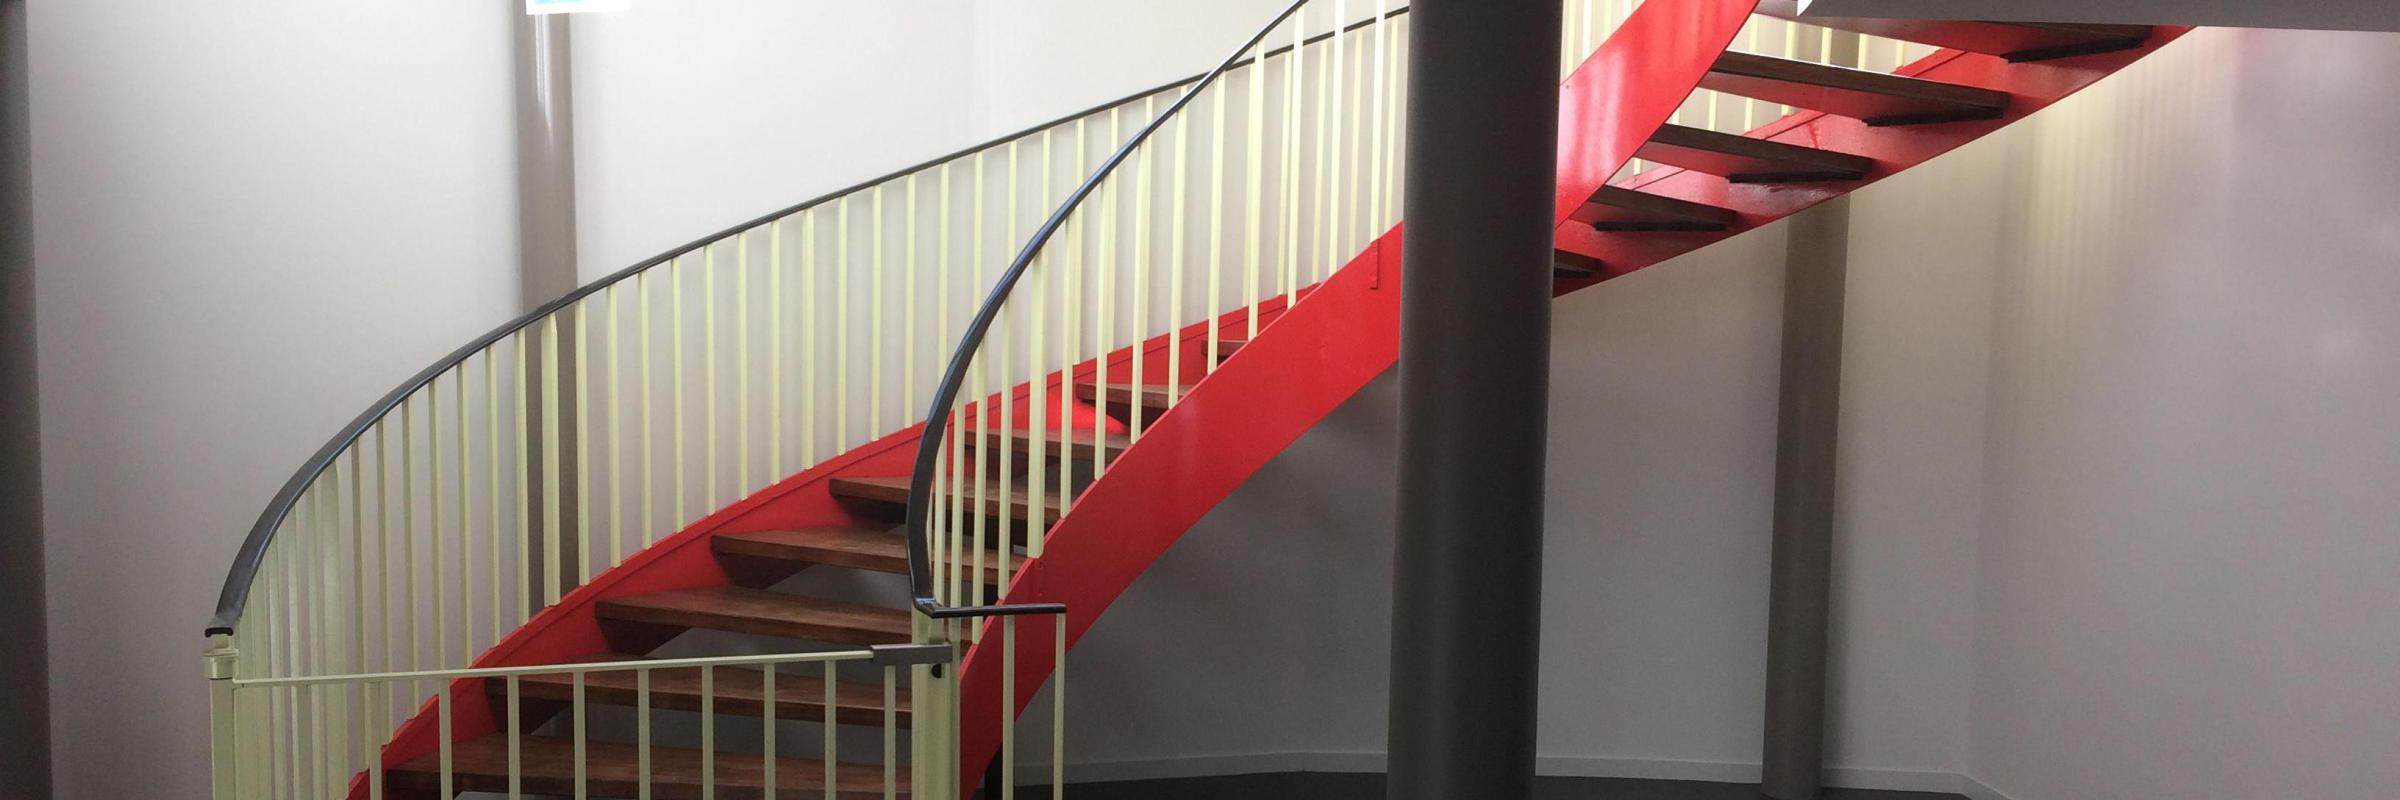 Création d'escaliers sur mesure - Toutes formes et toutes matières